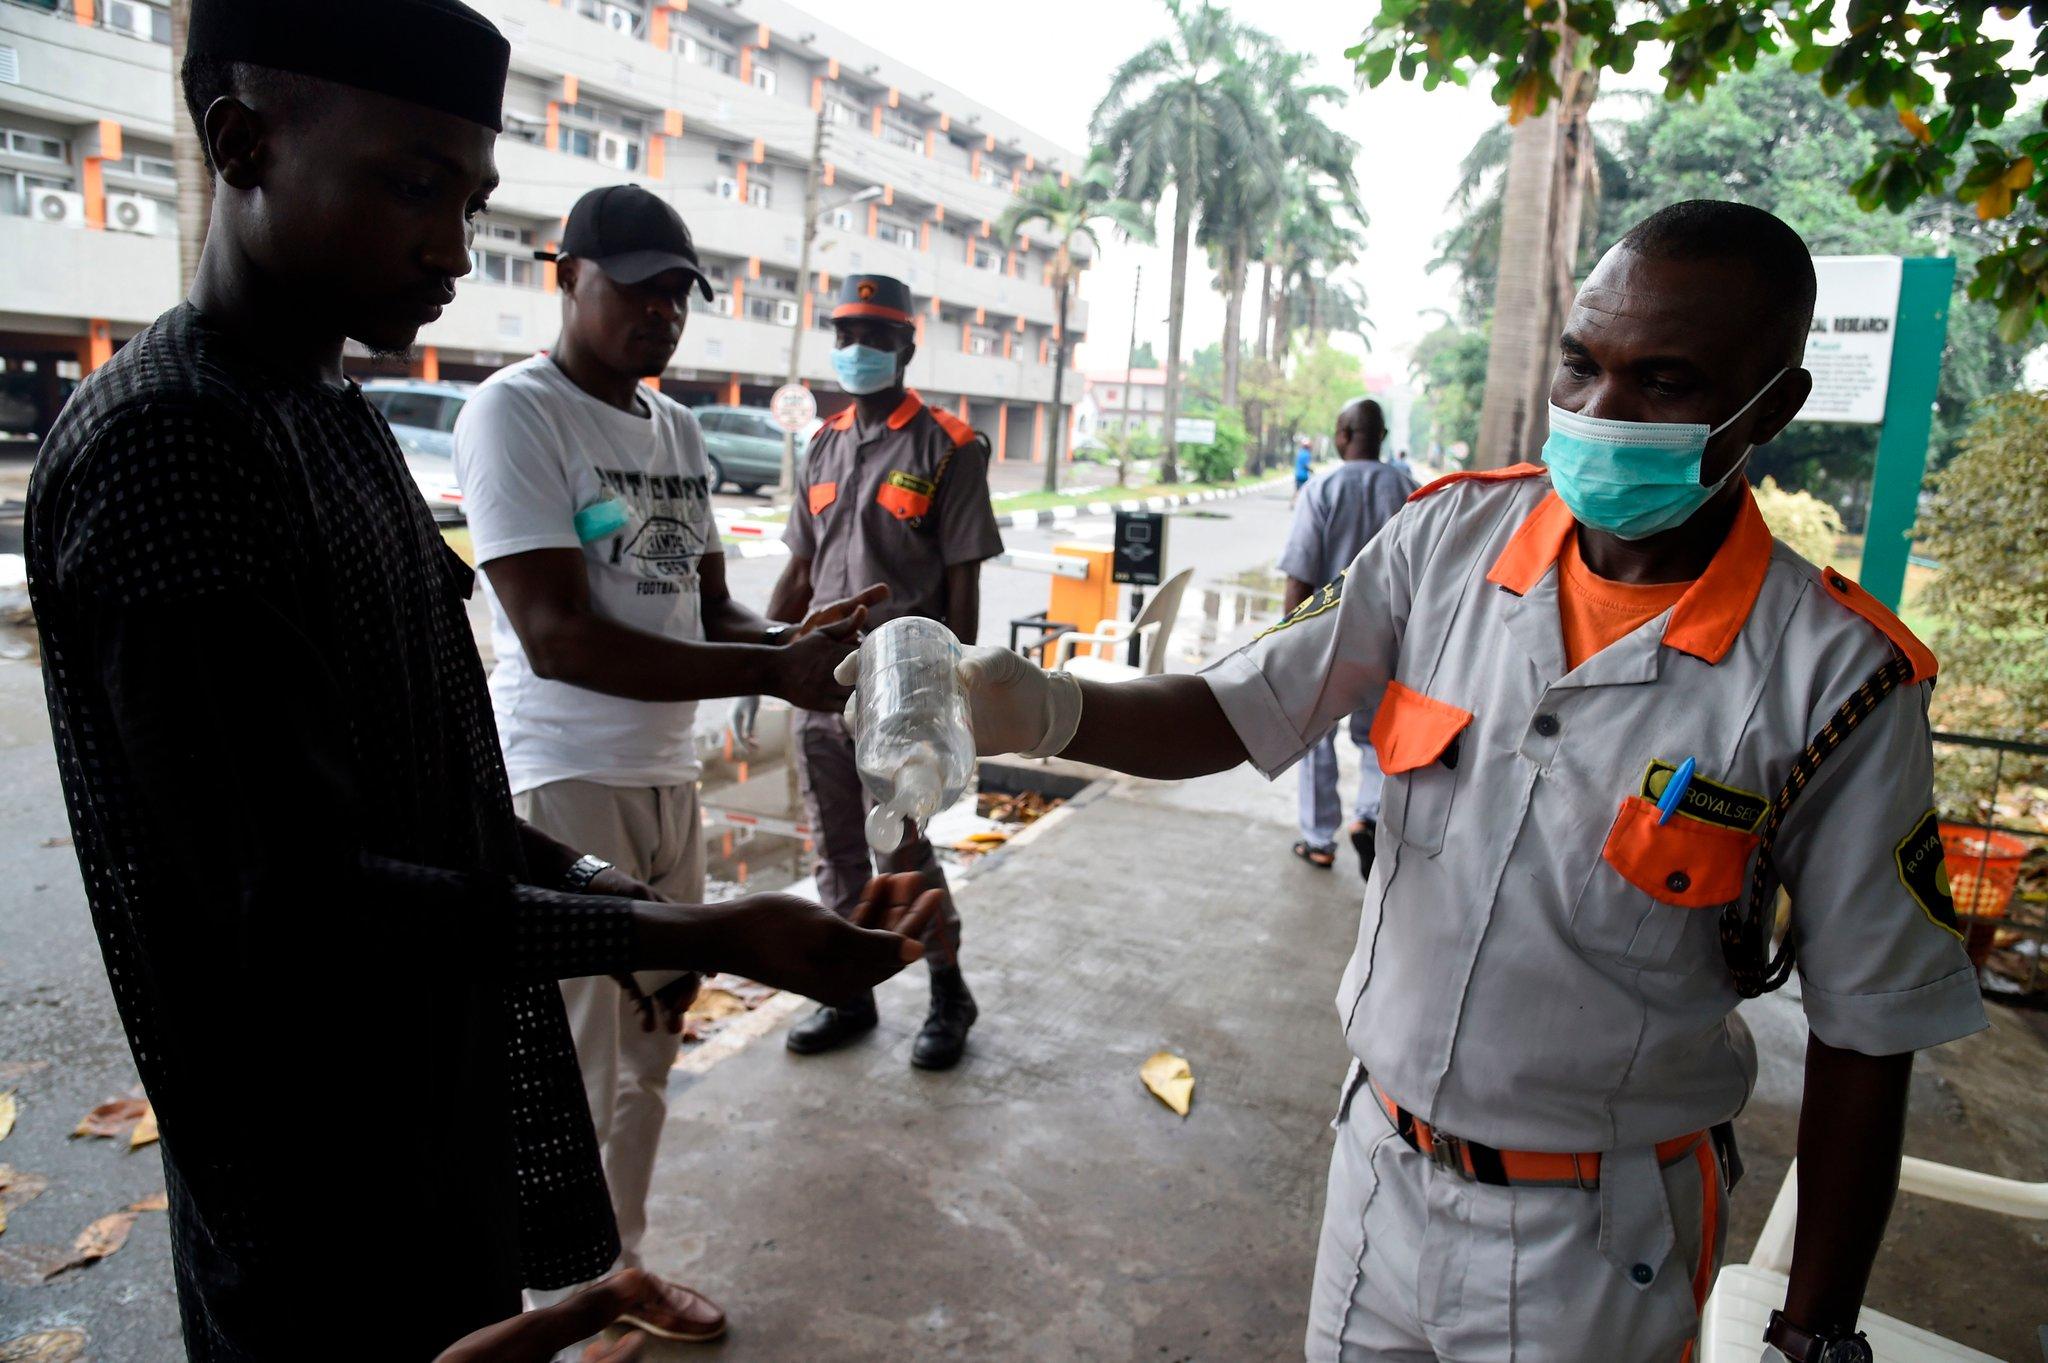 Covid-19, L'emergenza Crescente In Africa E Il Rischio Della Caccia All'untore 'bianco'